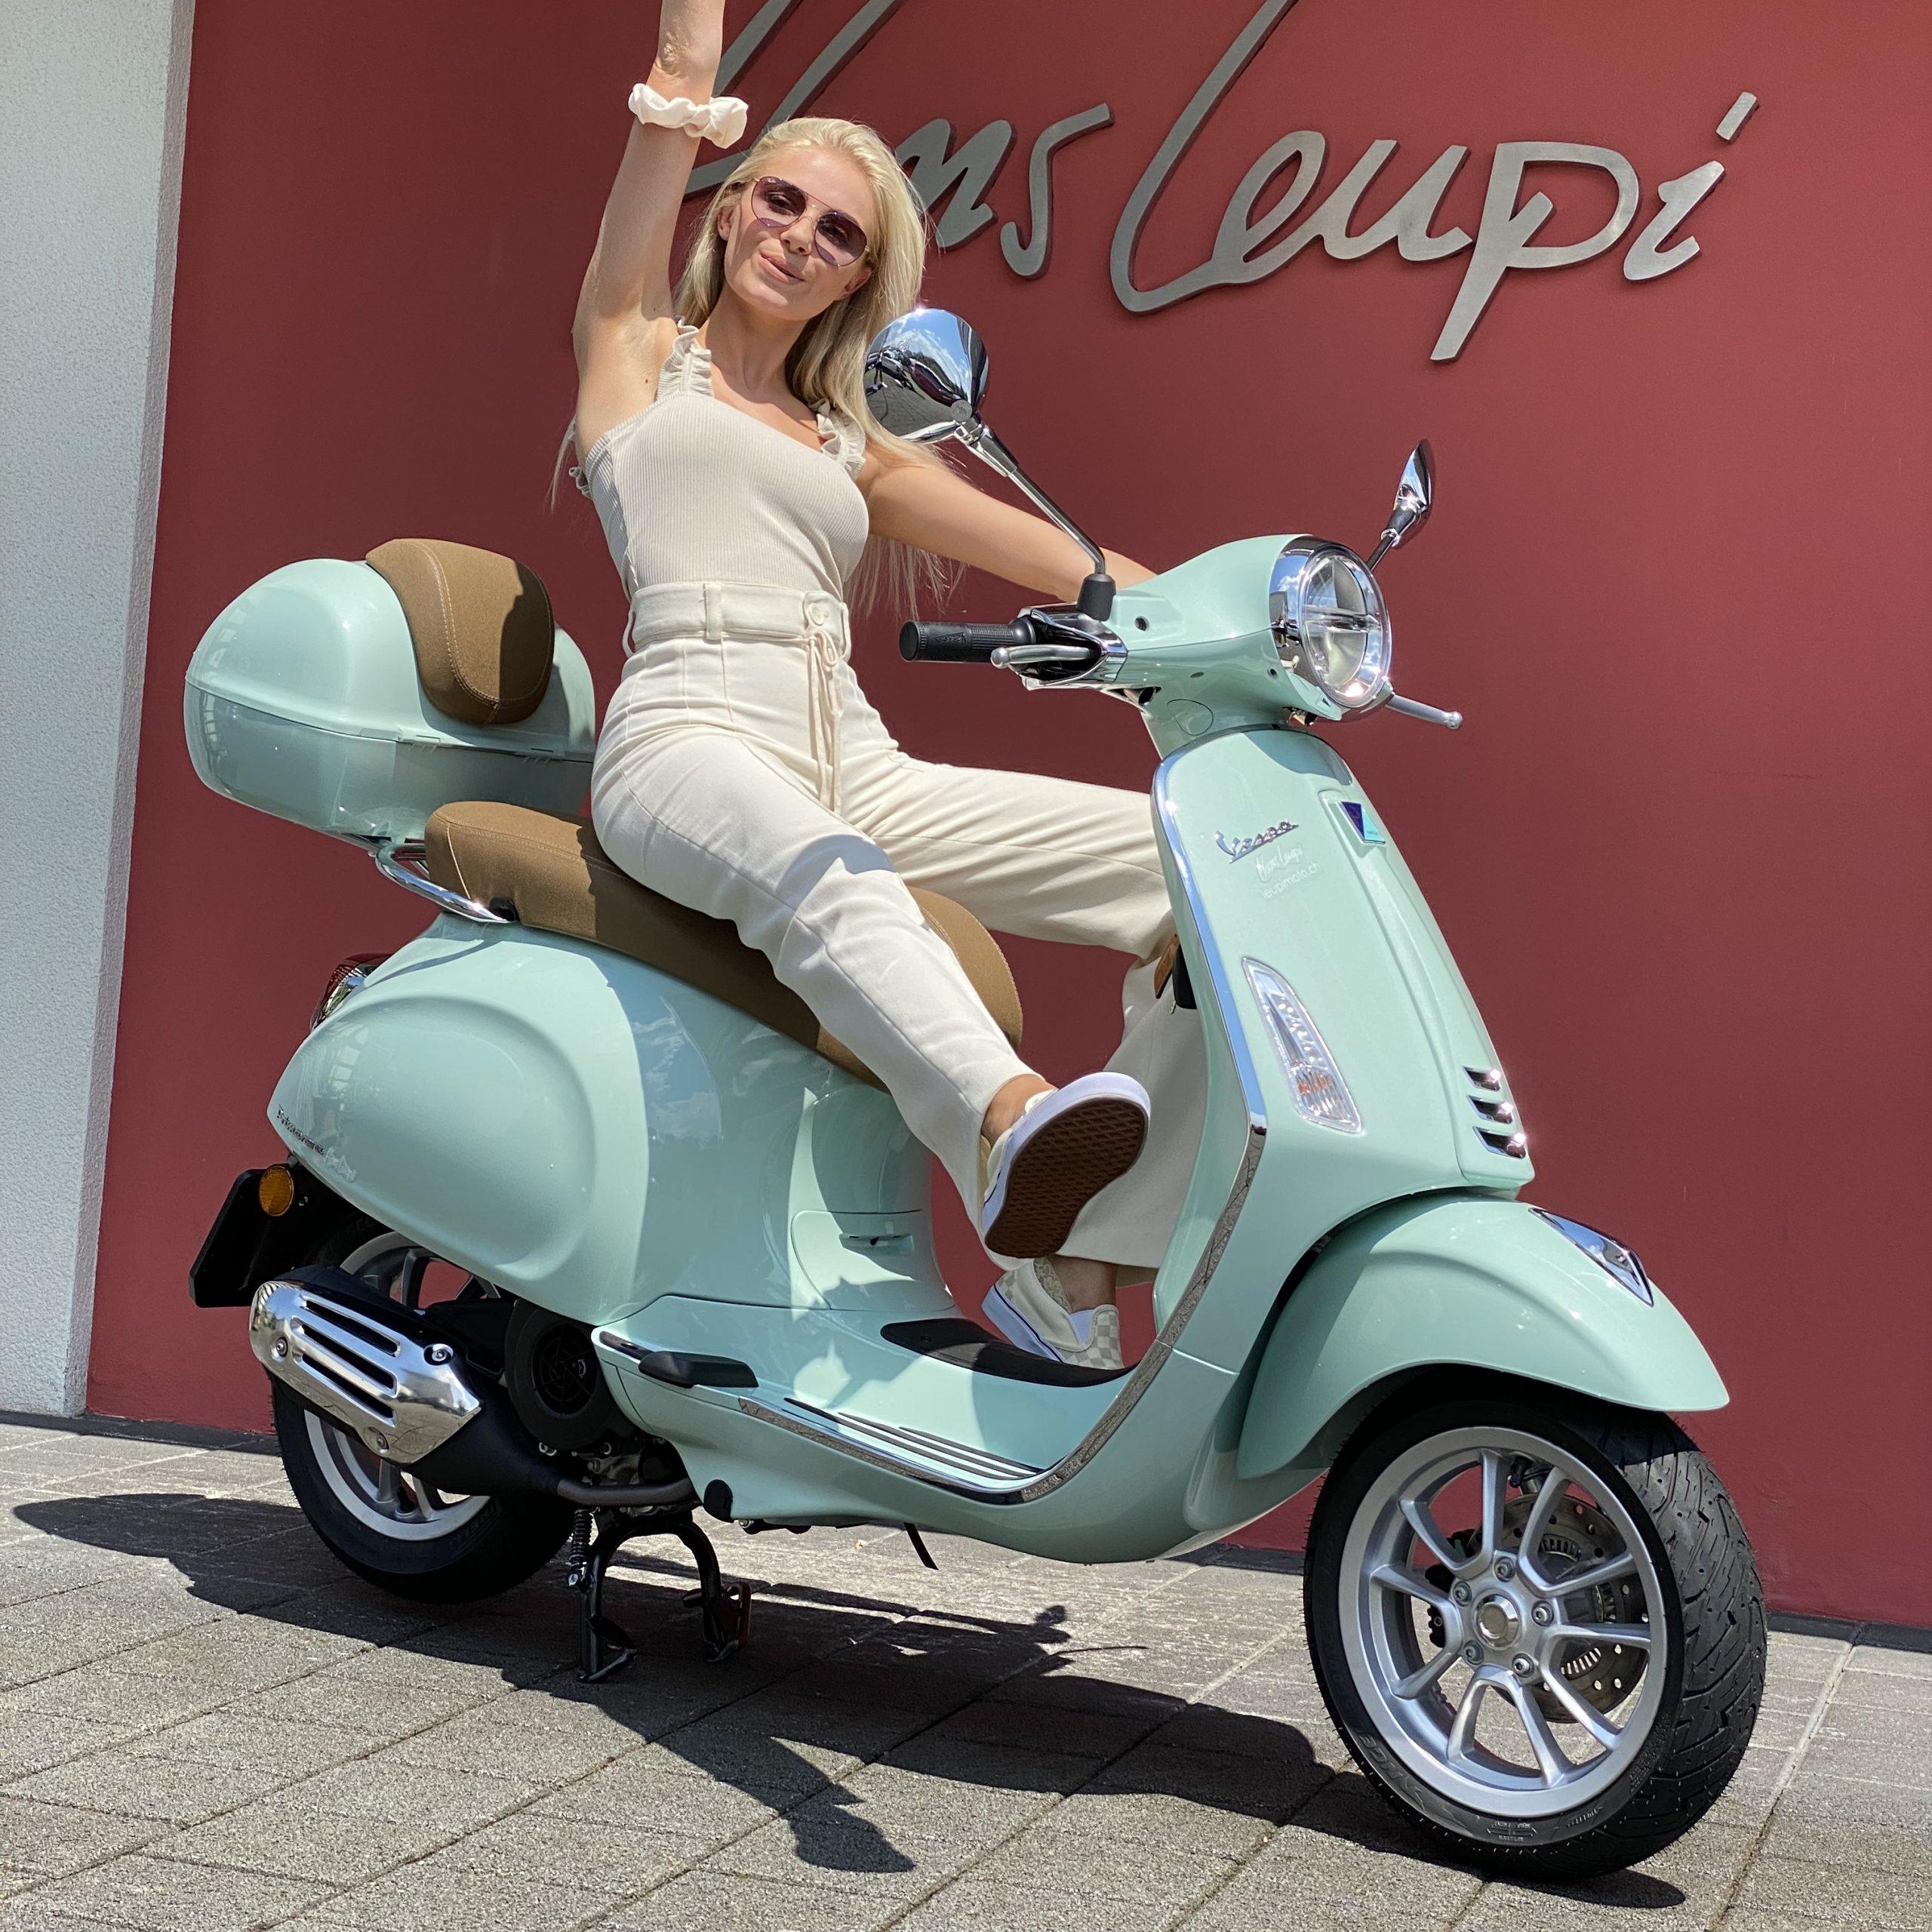 Stella Castelli , Luzern , Influencerin auf ihrer Vespa Primavera 125 , Chiara Castelli , Leupimoto , Vespa Zentralschweiz , Vespa Luzern